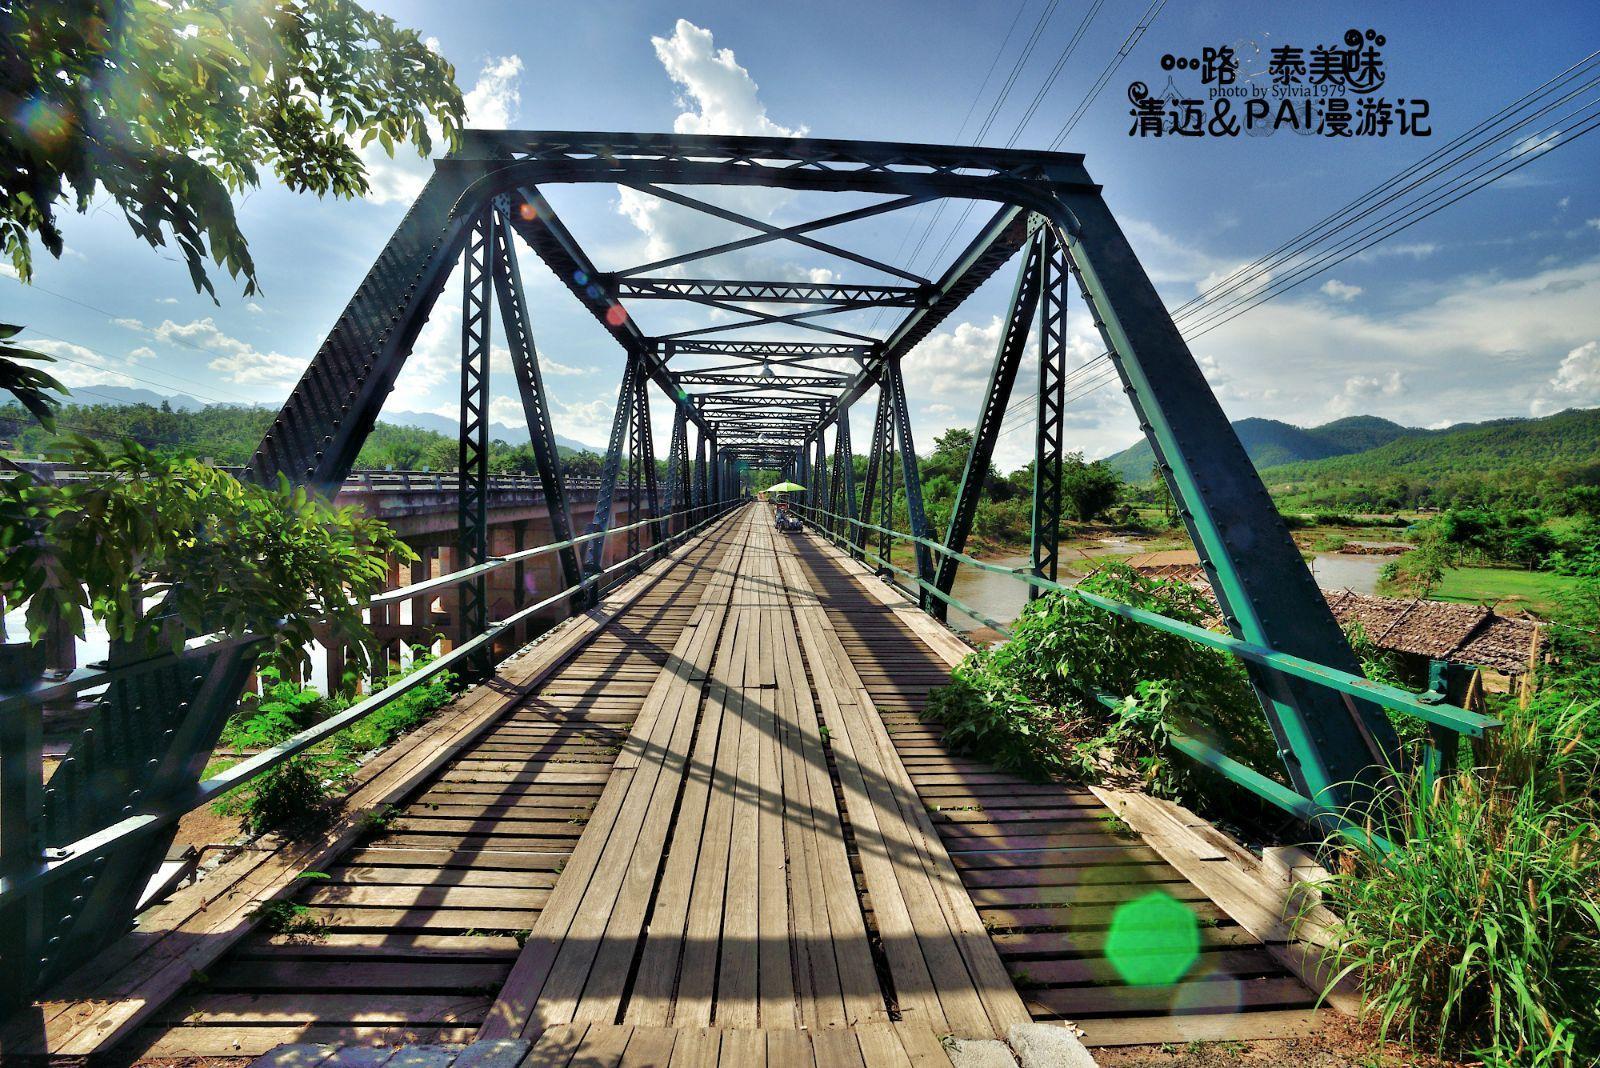 纪念桥乍看荒废已久,其实每年旅游旺季都有成千上万泰国游客到此造访.